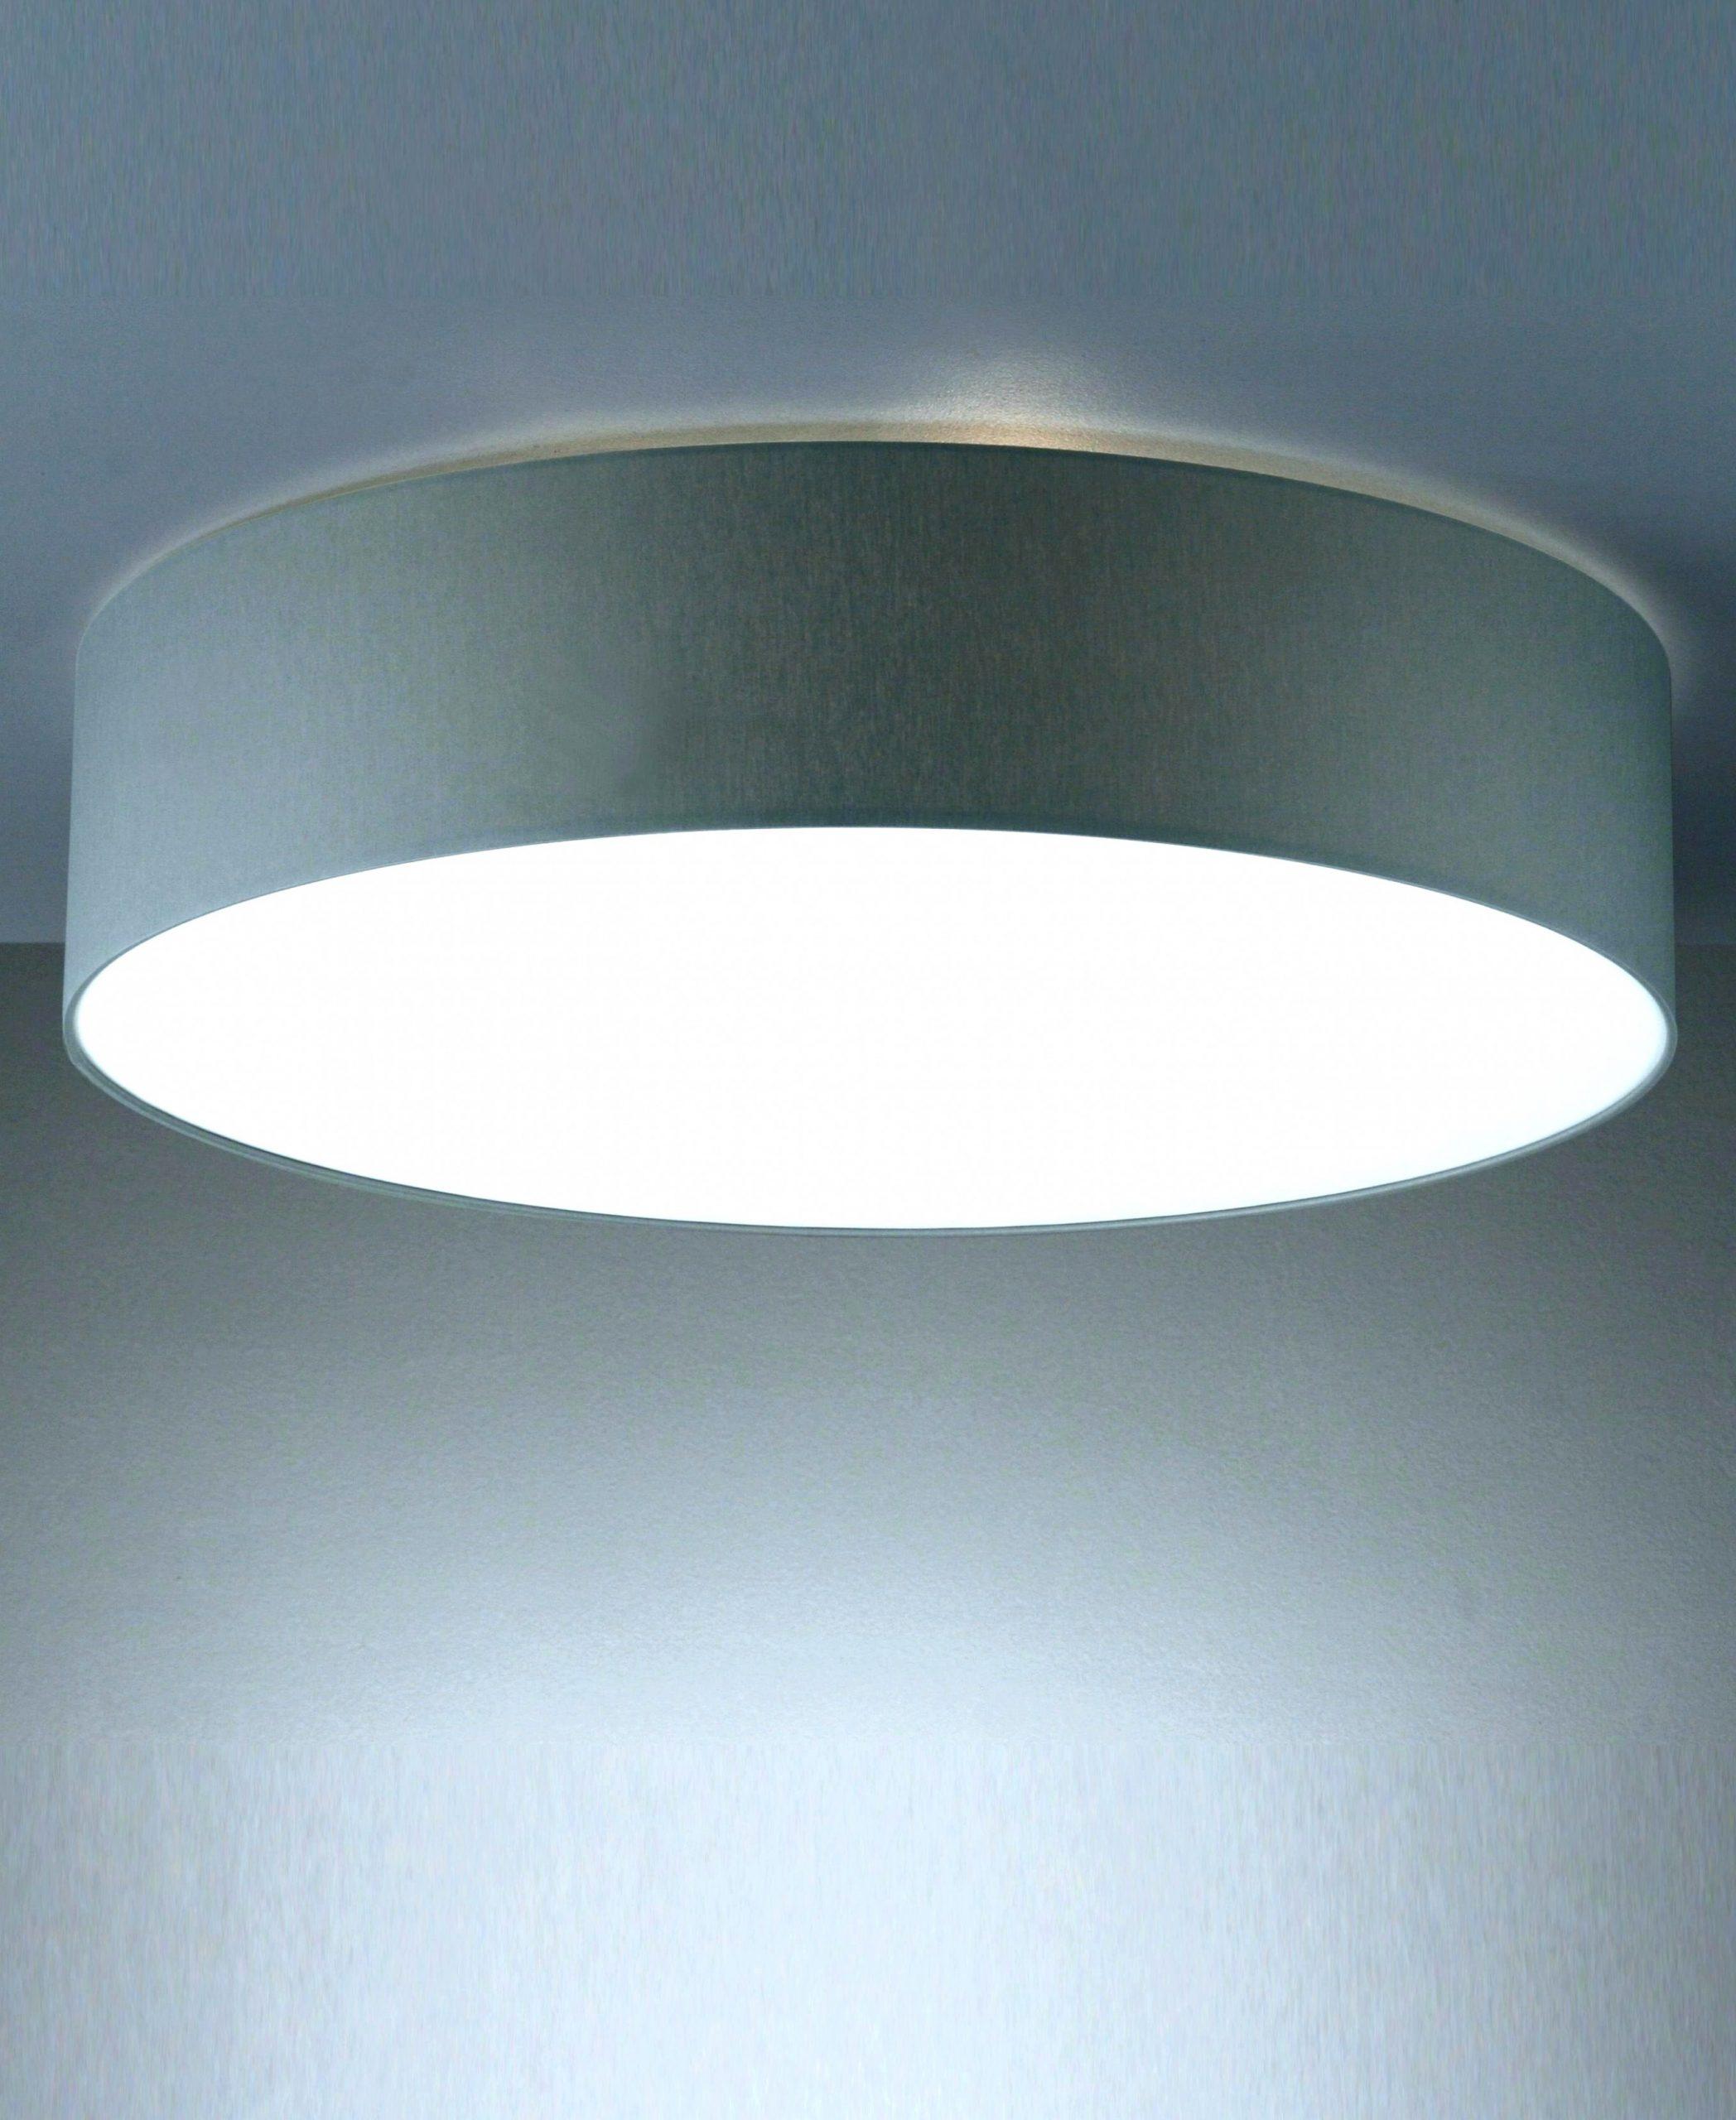 Full Size of Deckenlampe Ikea Esstisch Küche Kosten Wohnzimmer Kaufen Betten 160x200 Deckenlampen Modern Miniküche Für Wohnzimmer Deckenlampe Ikea